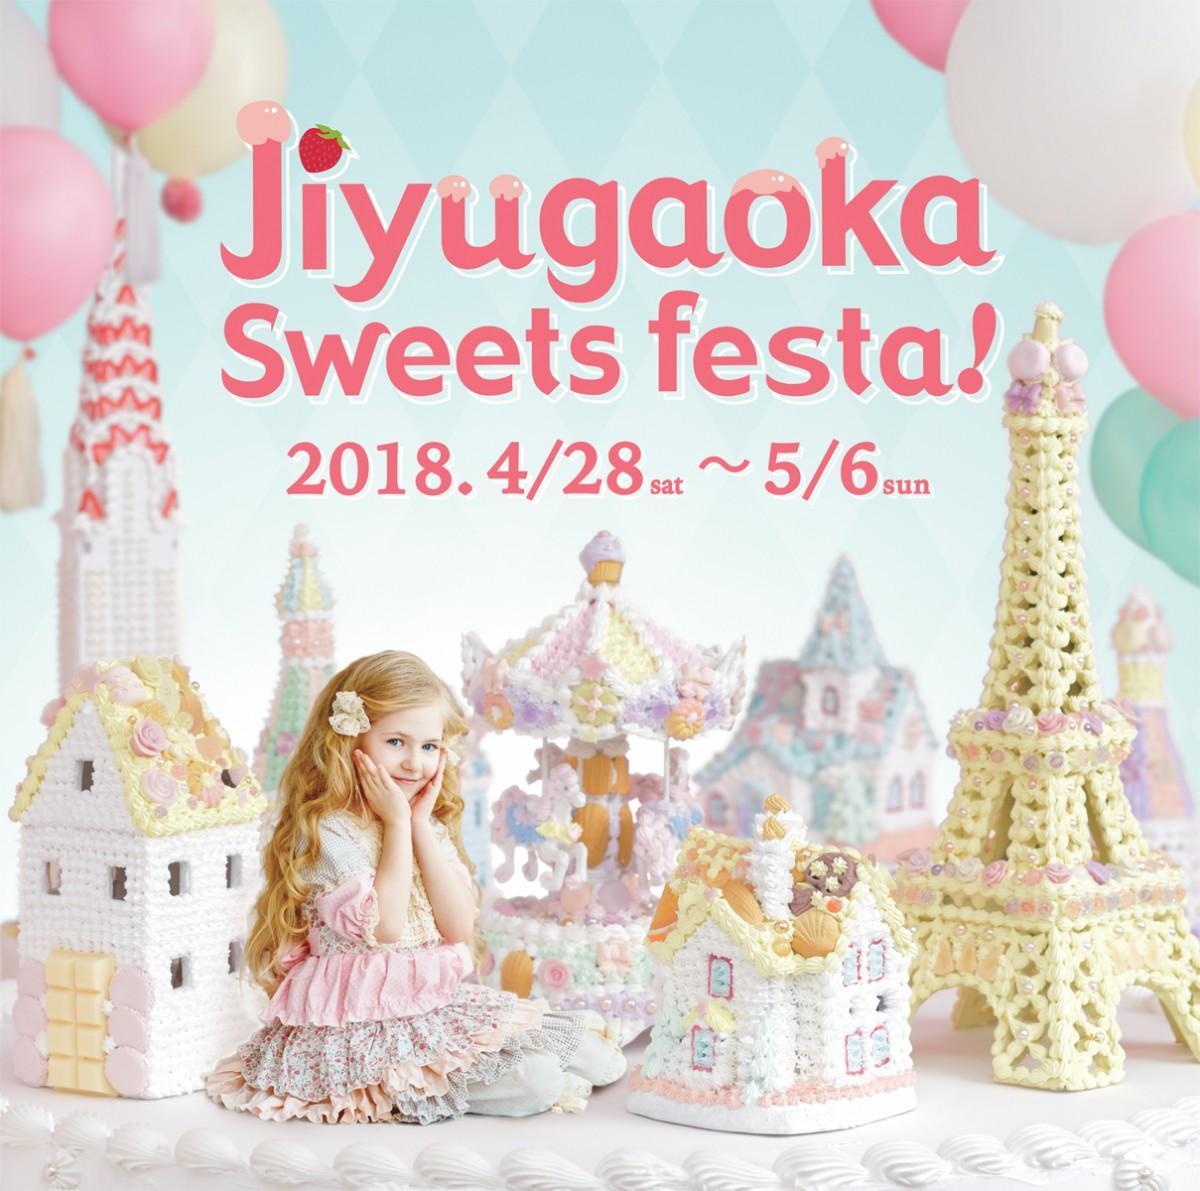 自由が丘のスイーツイベント「Jiyugaoka Sweets festa! 2018」メインビジュアル